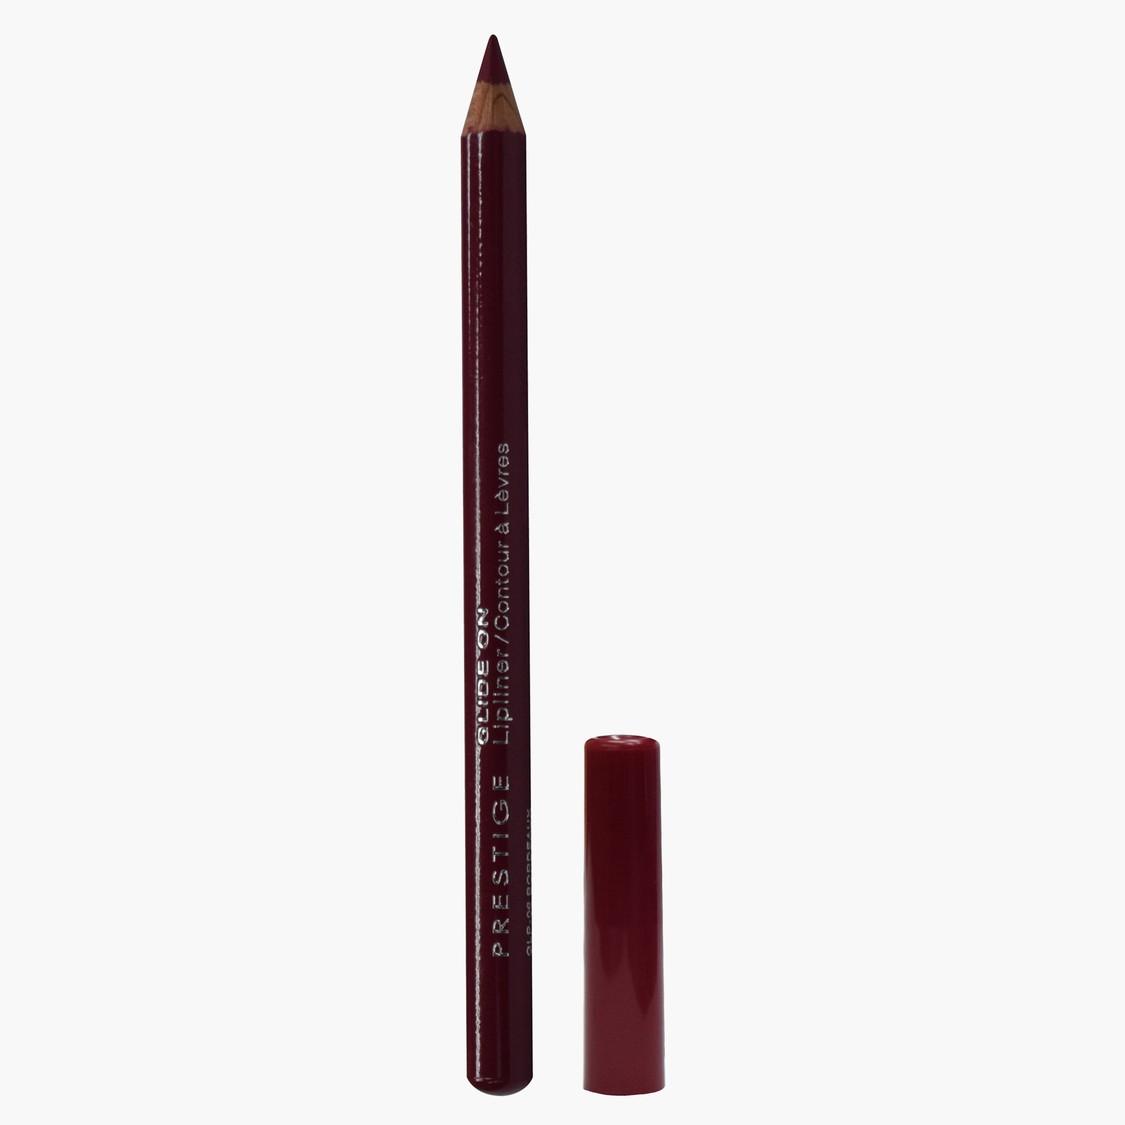 قلم تحديد شفاه جلايد أون ليب من بريستيج كوزمتيكس